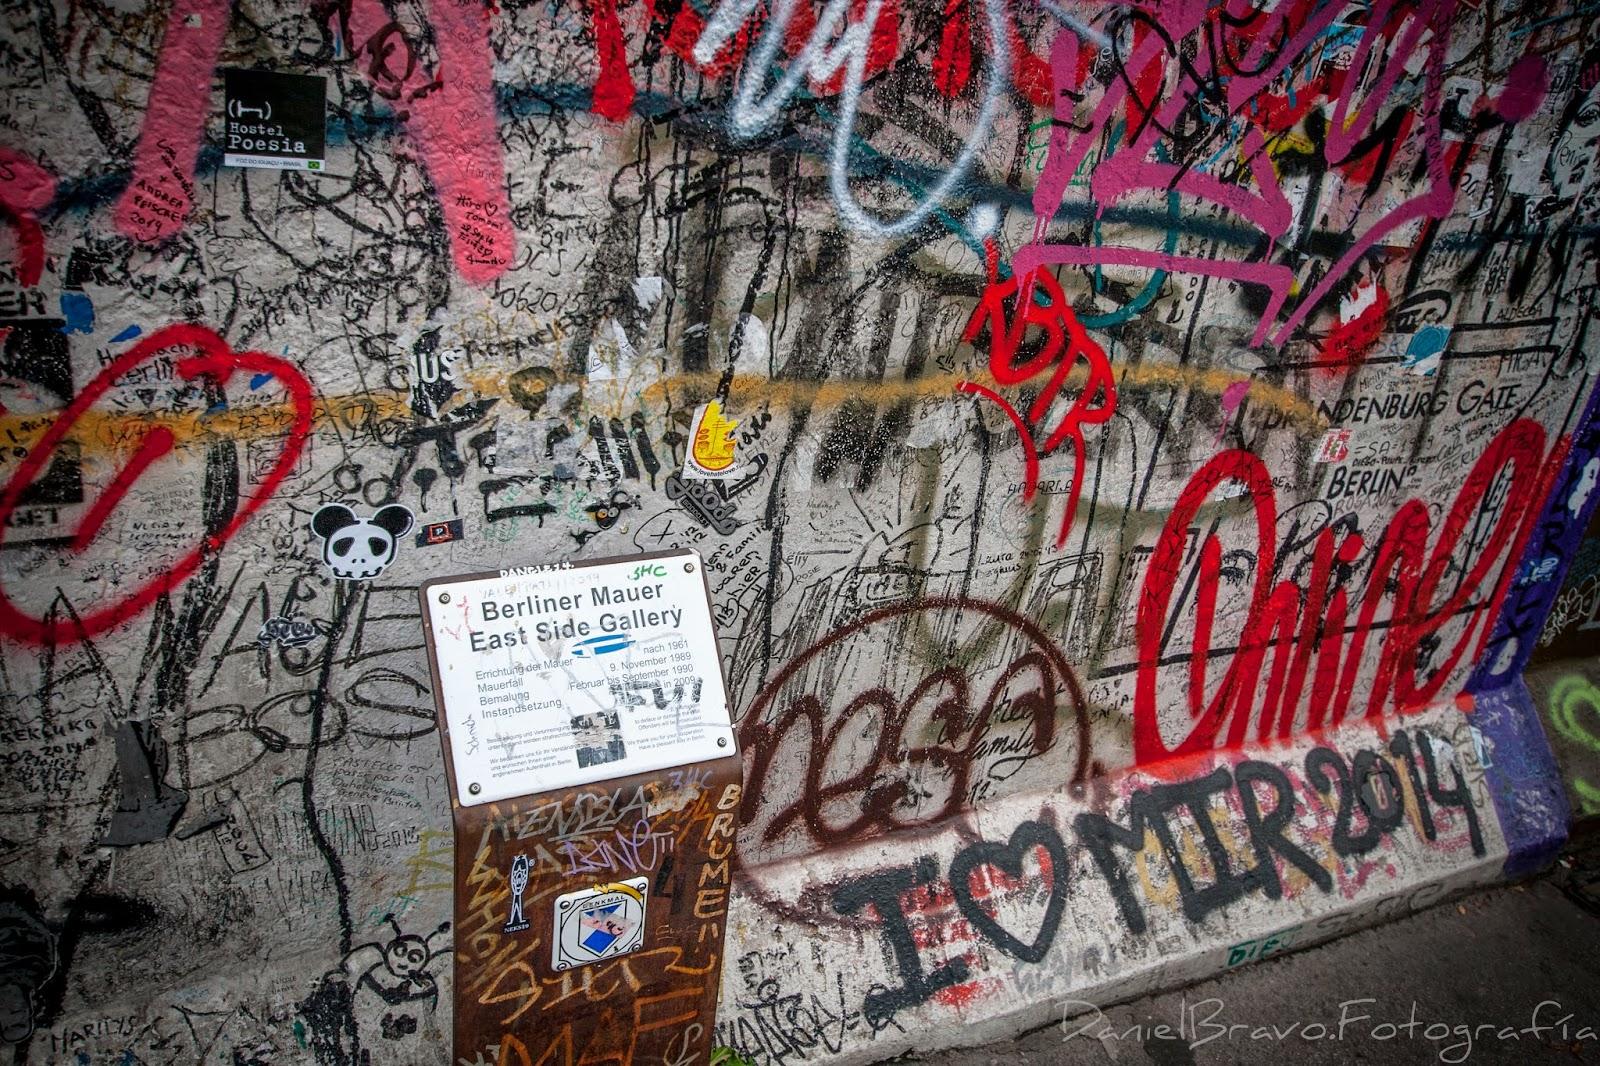 East Side Gallery, muro de Berlín, grafiti, graffity, pintura mural, Berlín, muro, Berlin